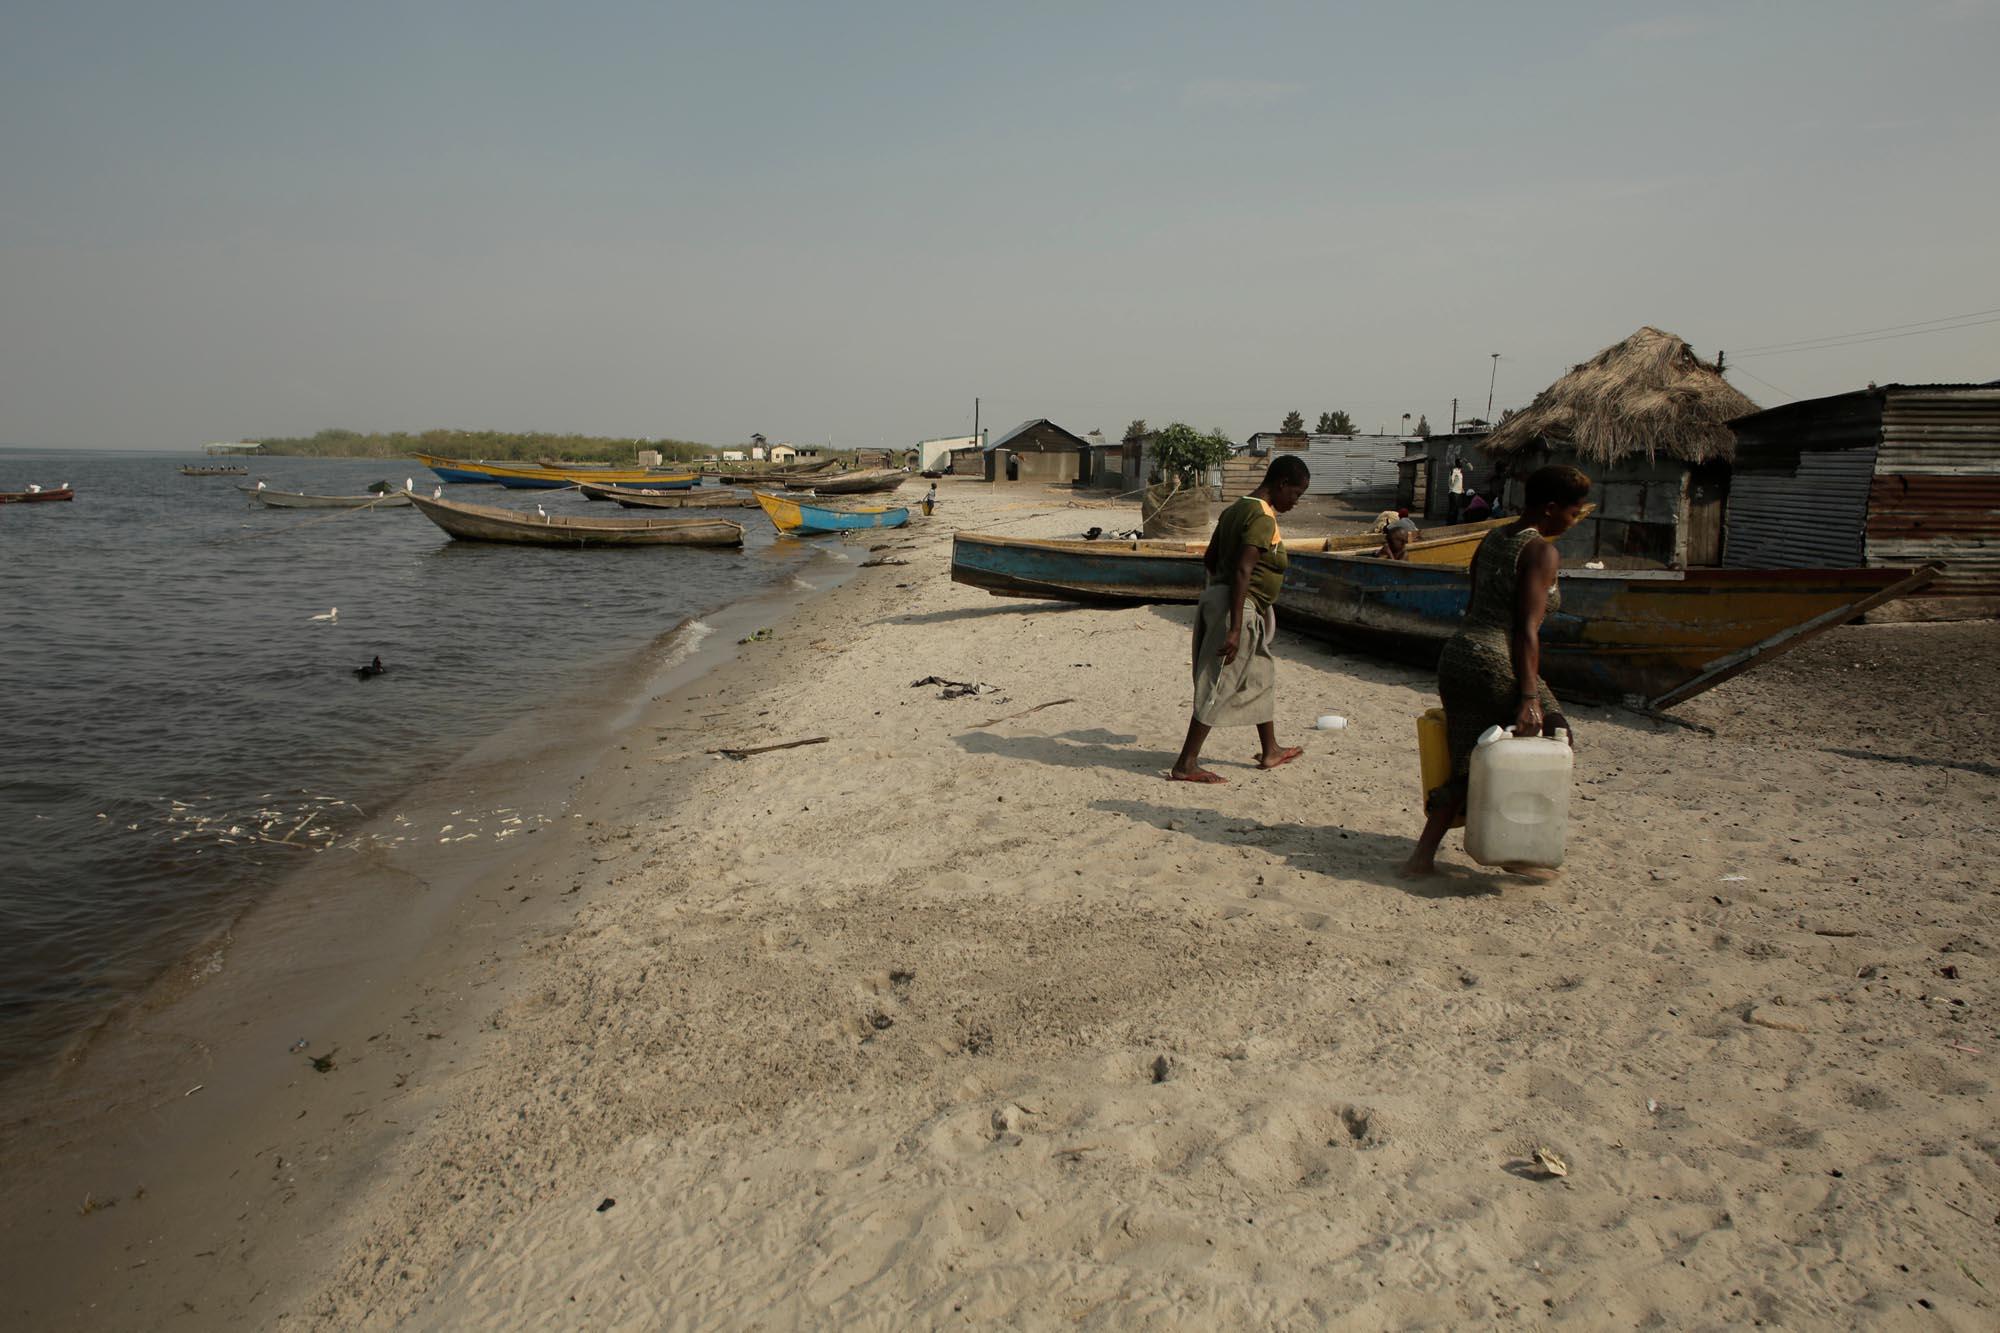 collecting water at Kachanga village, Lake Victoria, Uganda